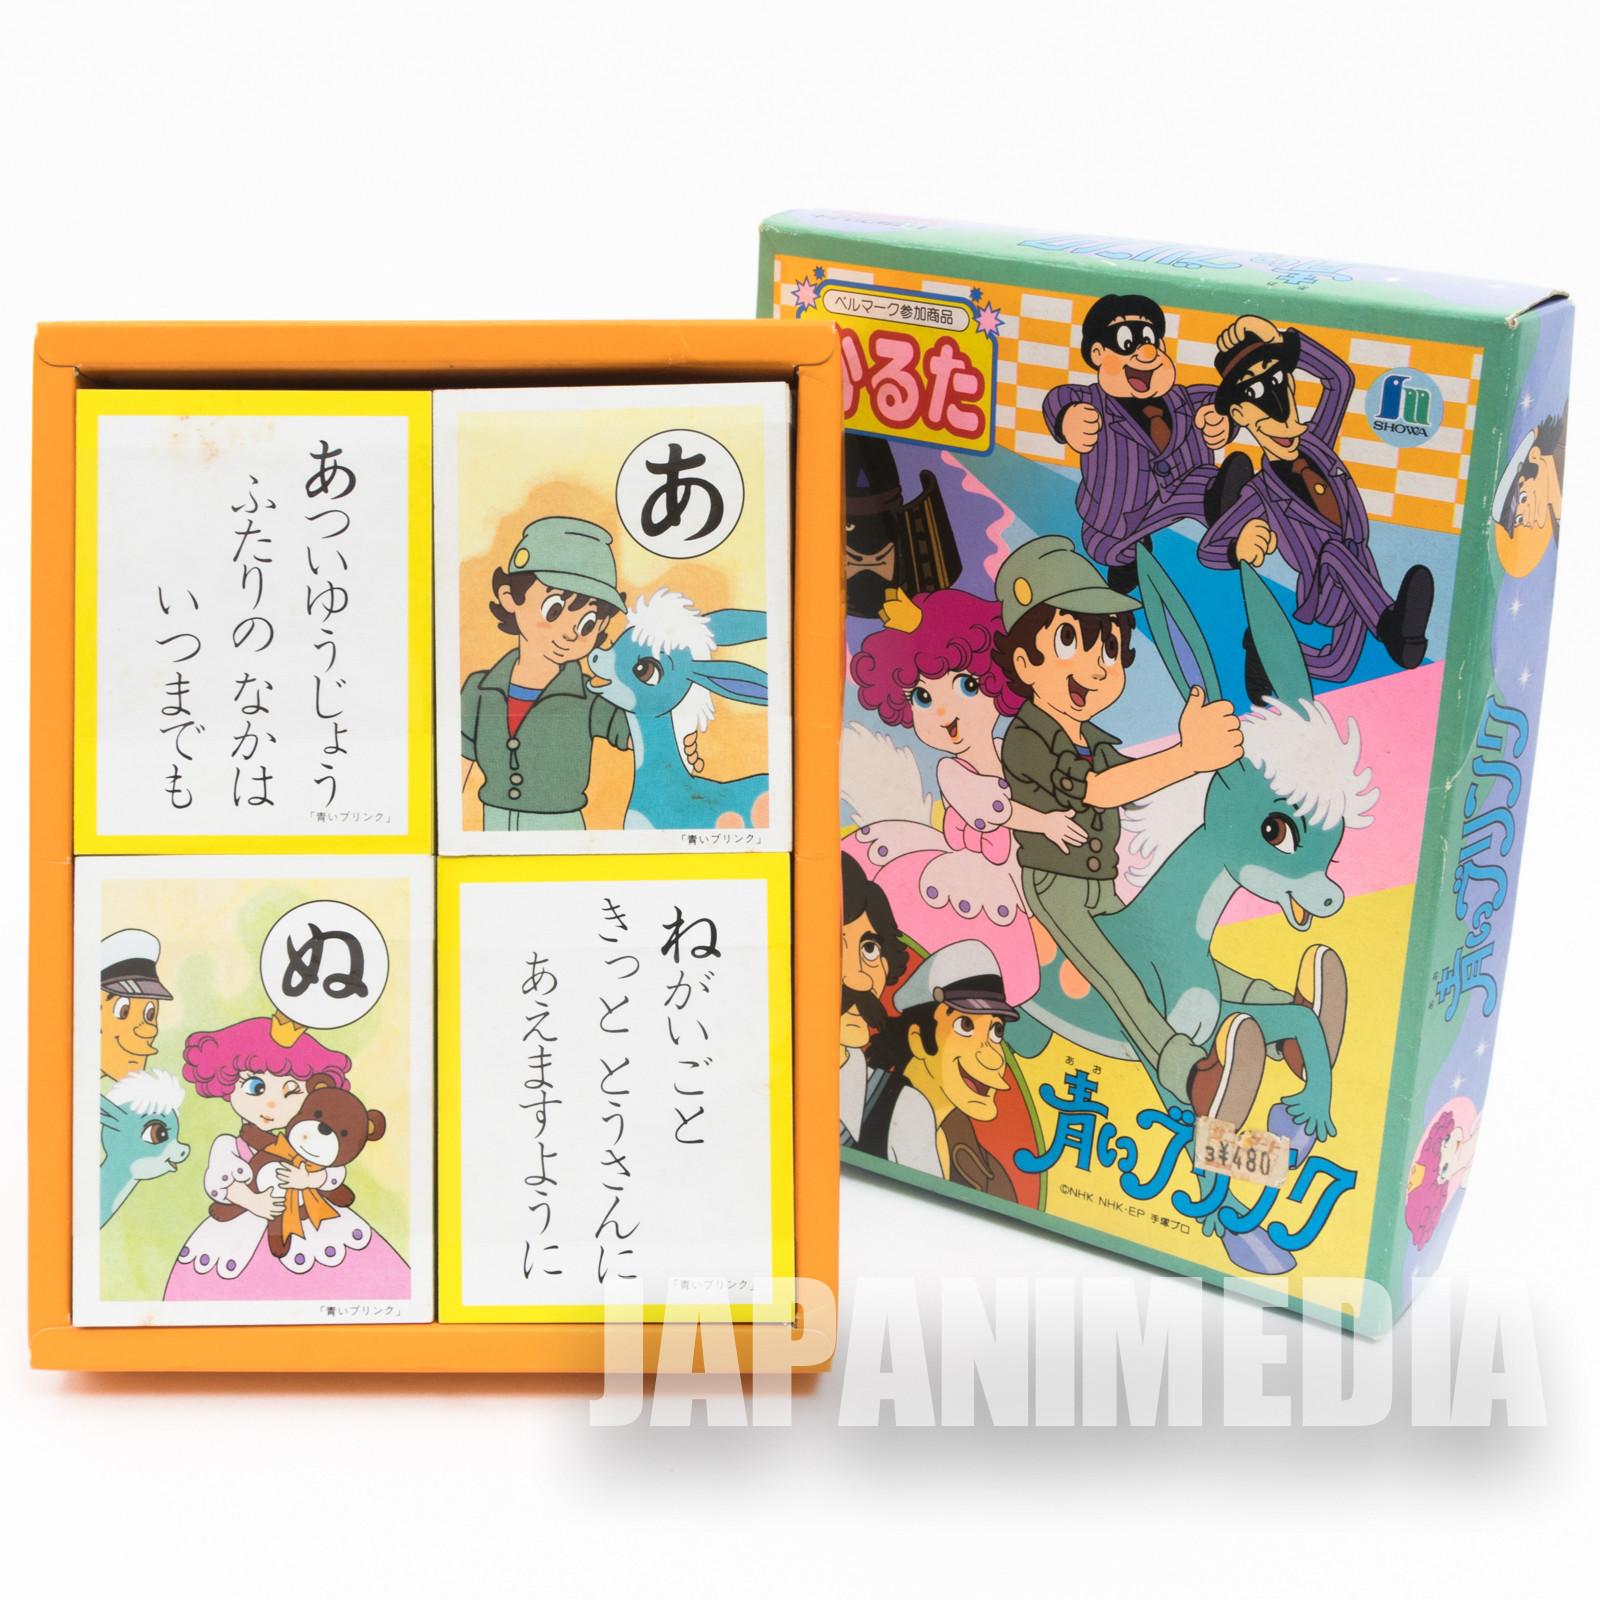 Blue Blink Karuta Japanese Card Game Osamu Tezuka JAPAN ANIME